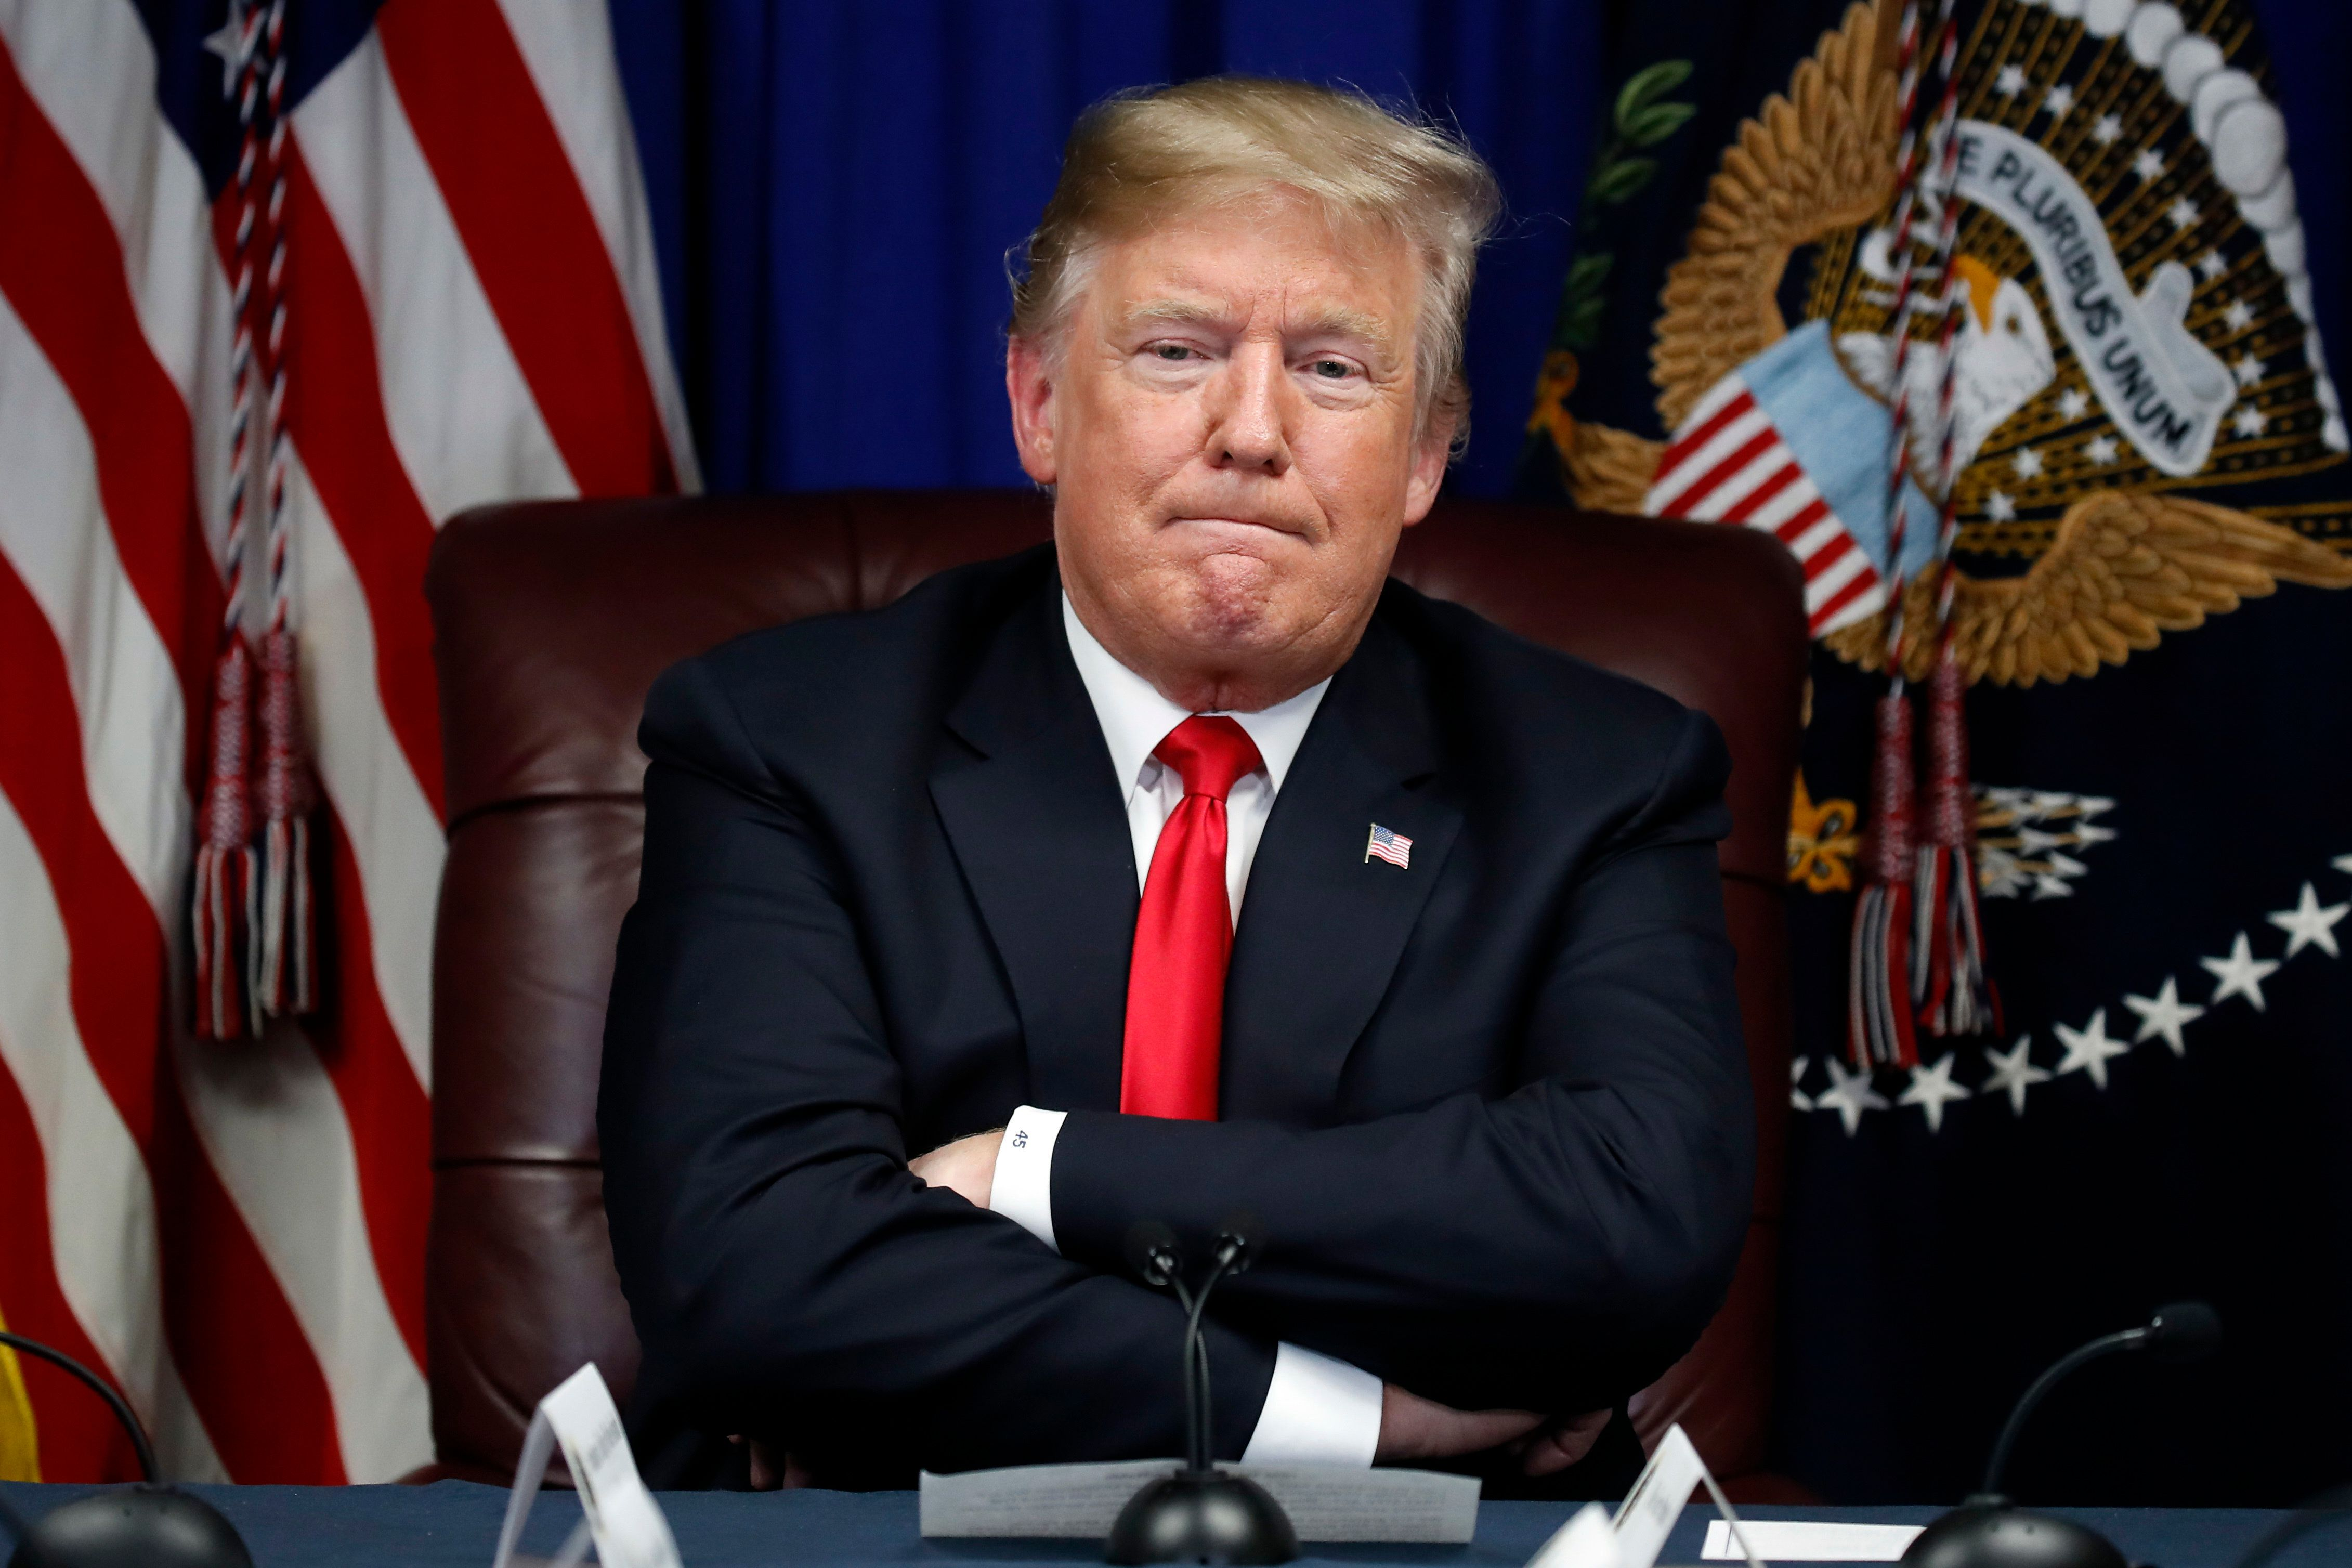 El presidente Donald Trump escucha durante una discusión, el lunes 26 de noviembre de 2018, en Gulfport, Mississippi. (AP Foto/Alex Brandon)